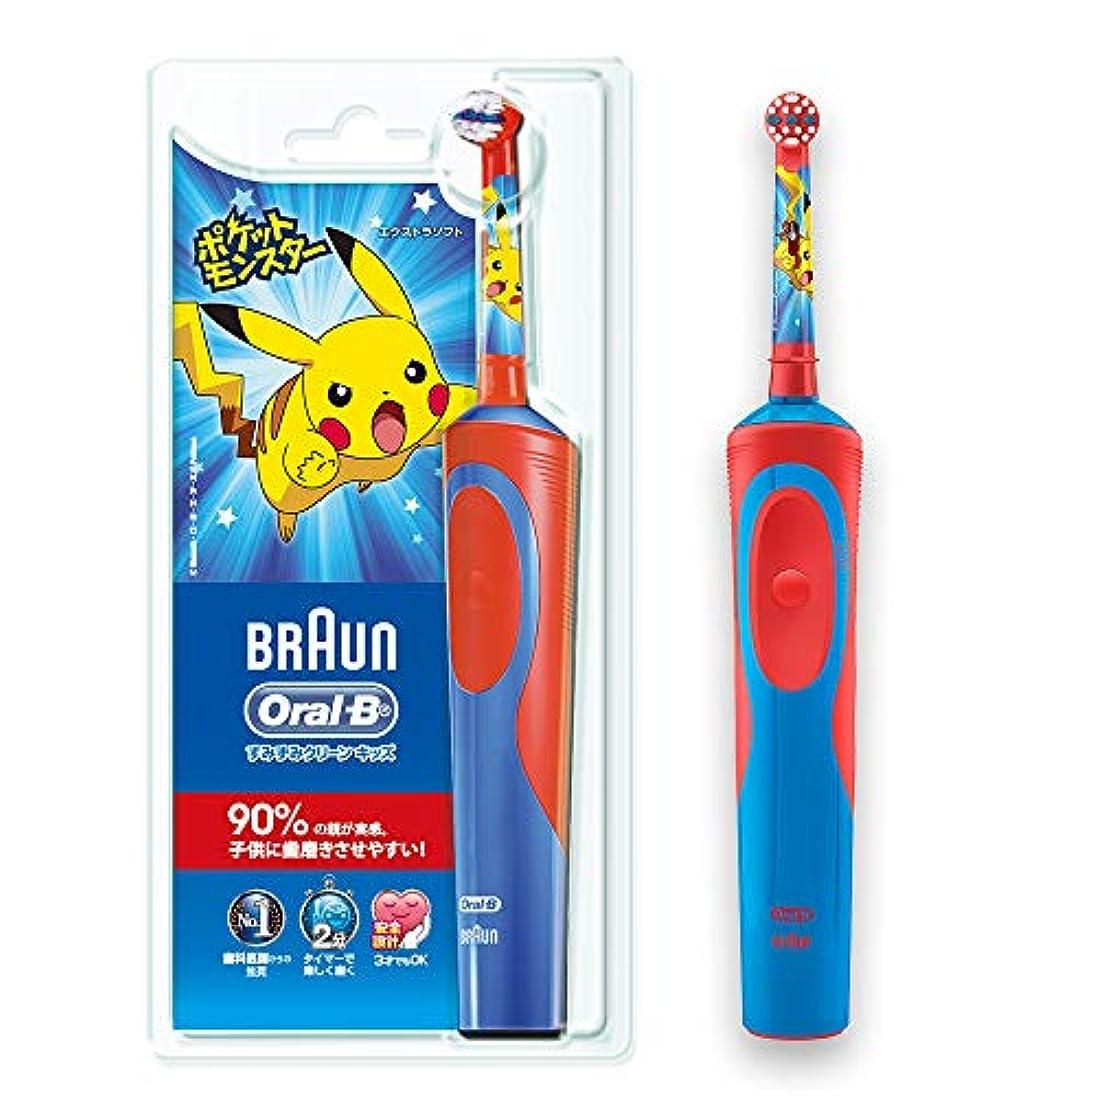 発見ずっと現実にはブラウン オーラルB 電動歯ブラシ 子供用 D12513KPKMB すみずみクリーンキッズ 本体 レッド ポケモン 歯ブラシ